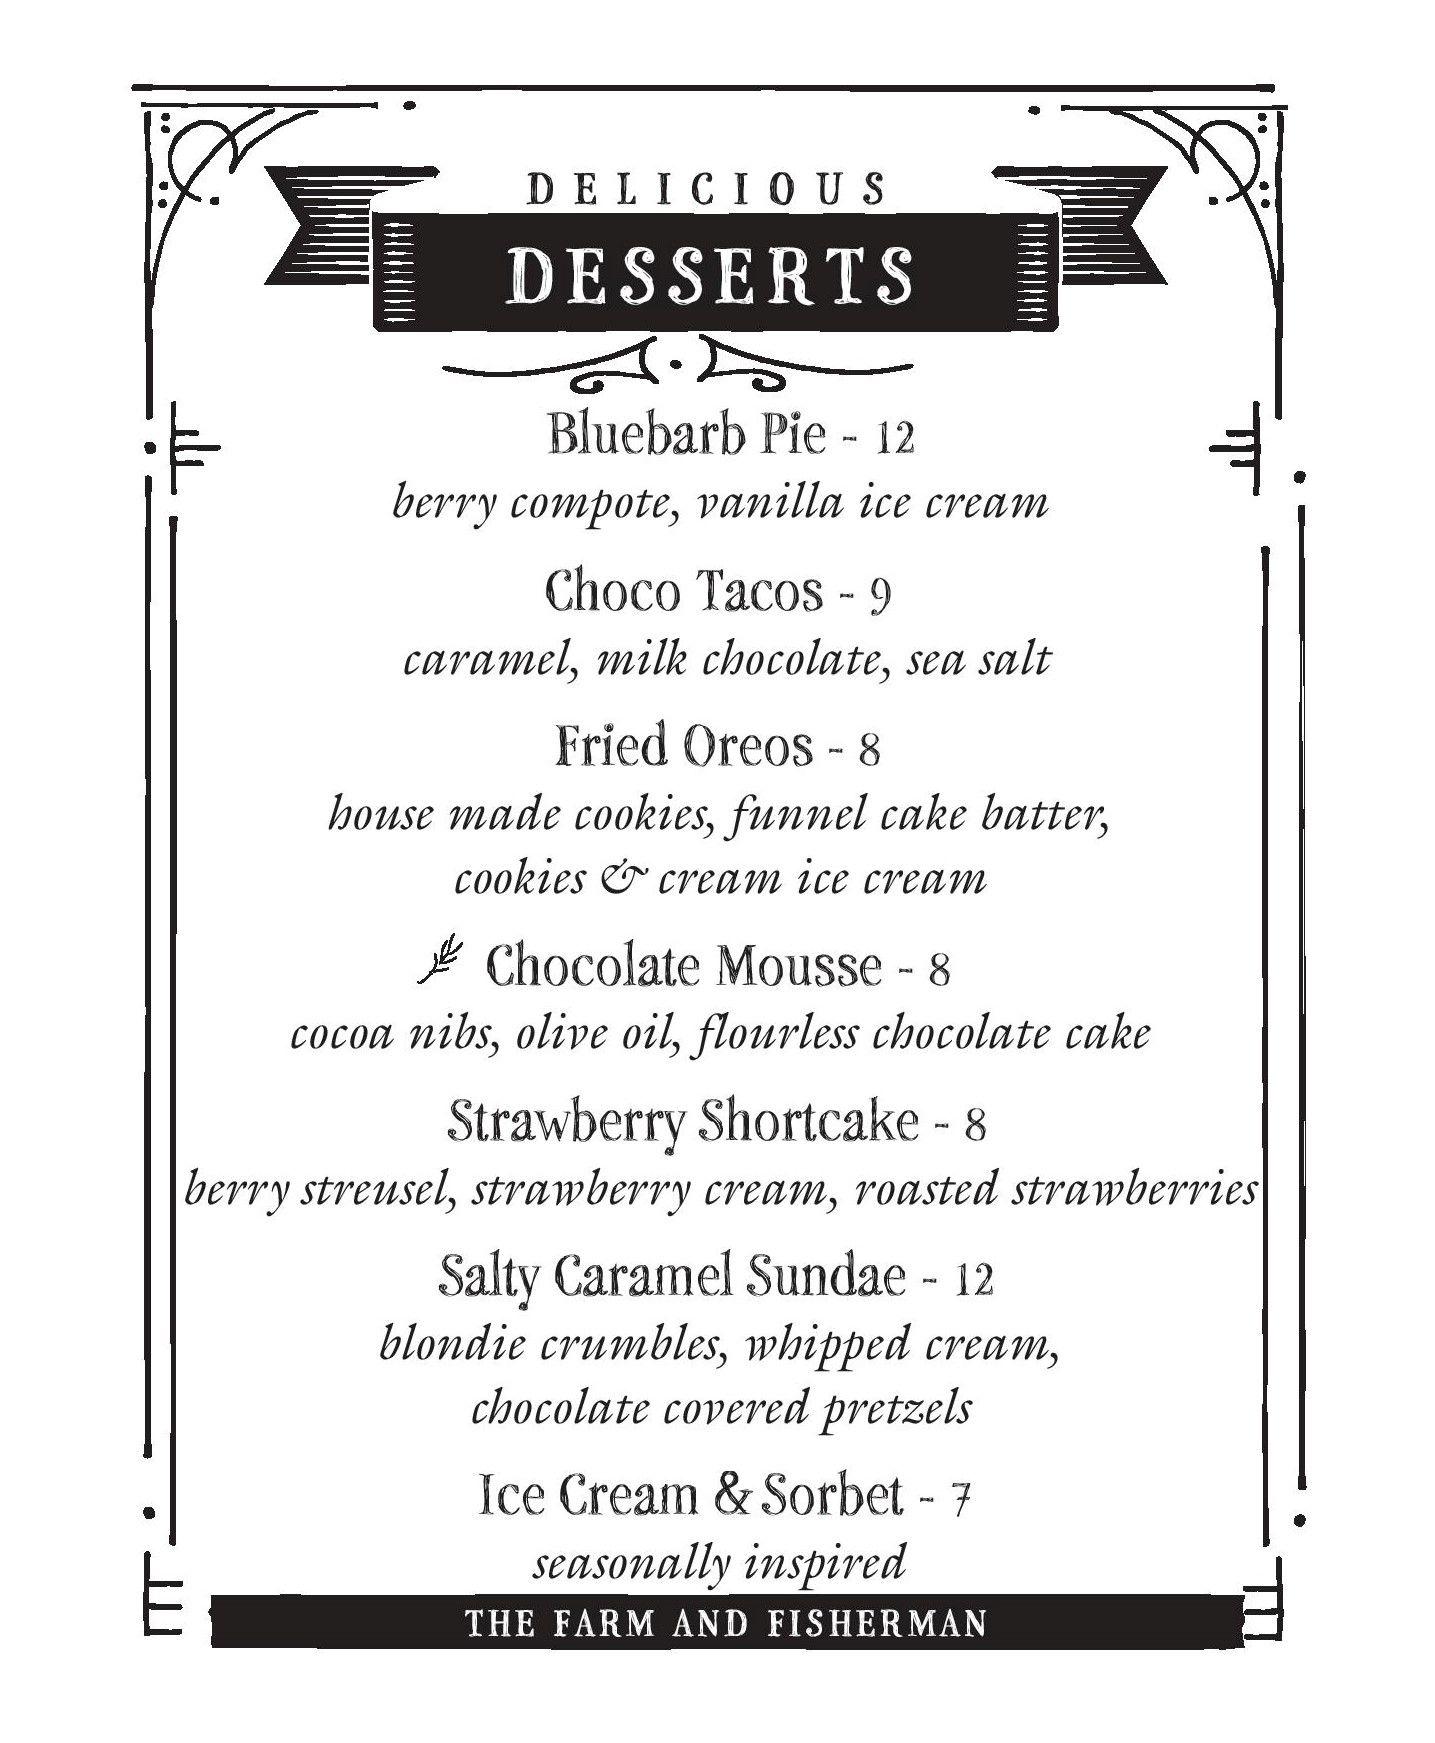 dessert menu list the farm and fisherman tavern